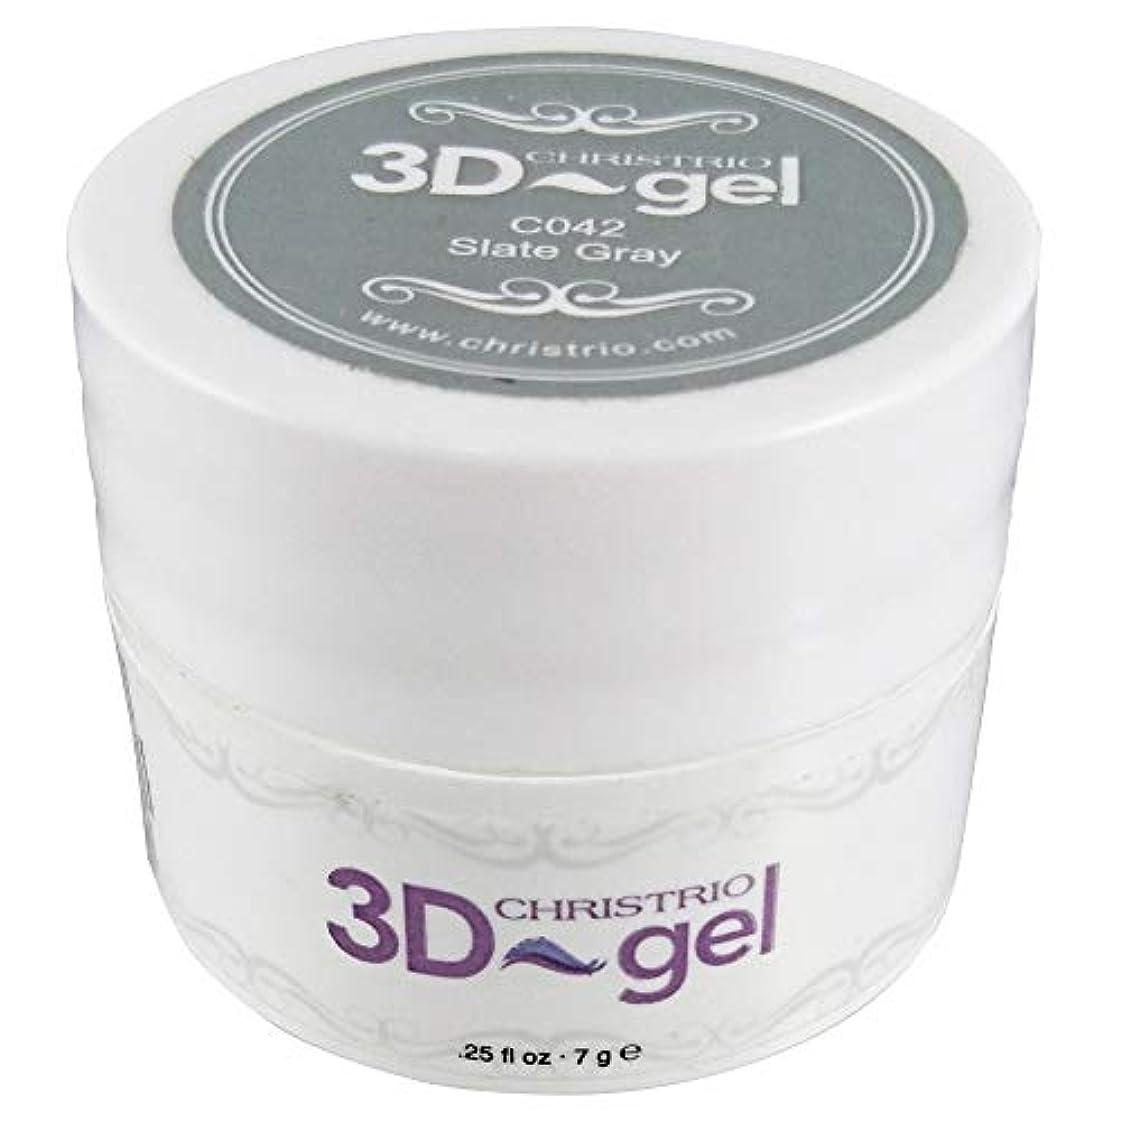 回答冷笑する鉛筆CHRISTRIO 3Dジェル 7g C042 スレートグレイ